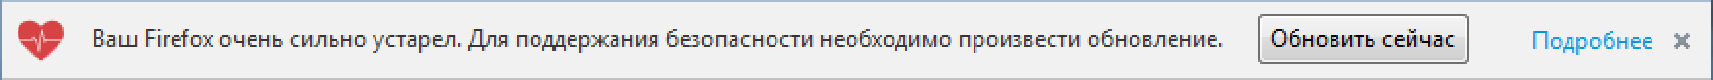 Ваш Firefox очень сильно устарел. Для поддержания безопасности необходимо произвести обновление.